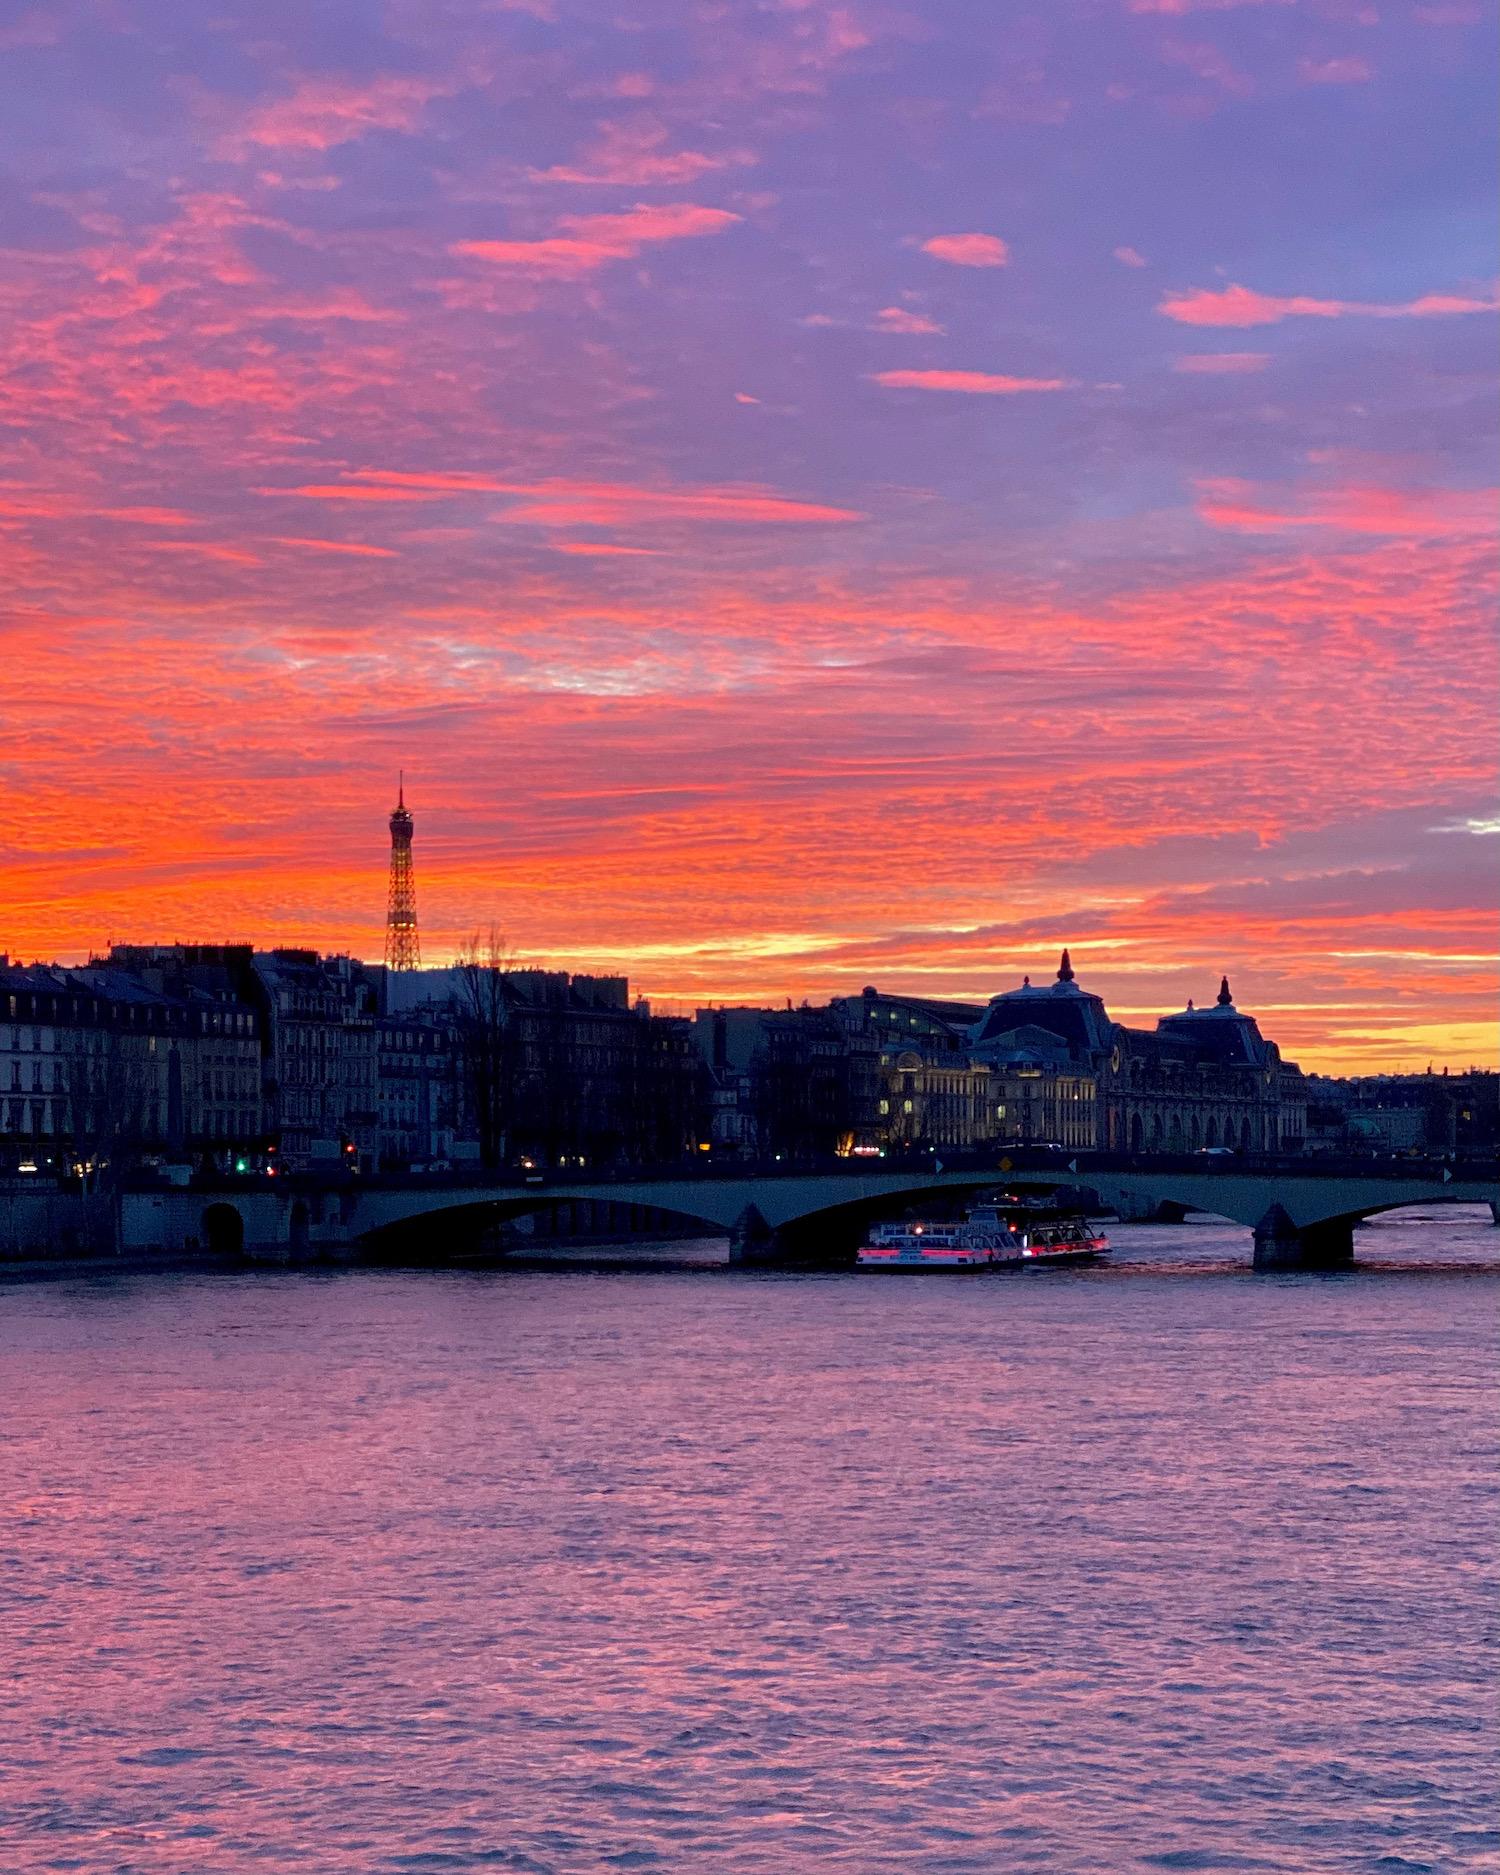 pont des arts sunset best of 2020